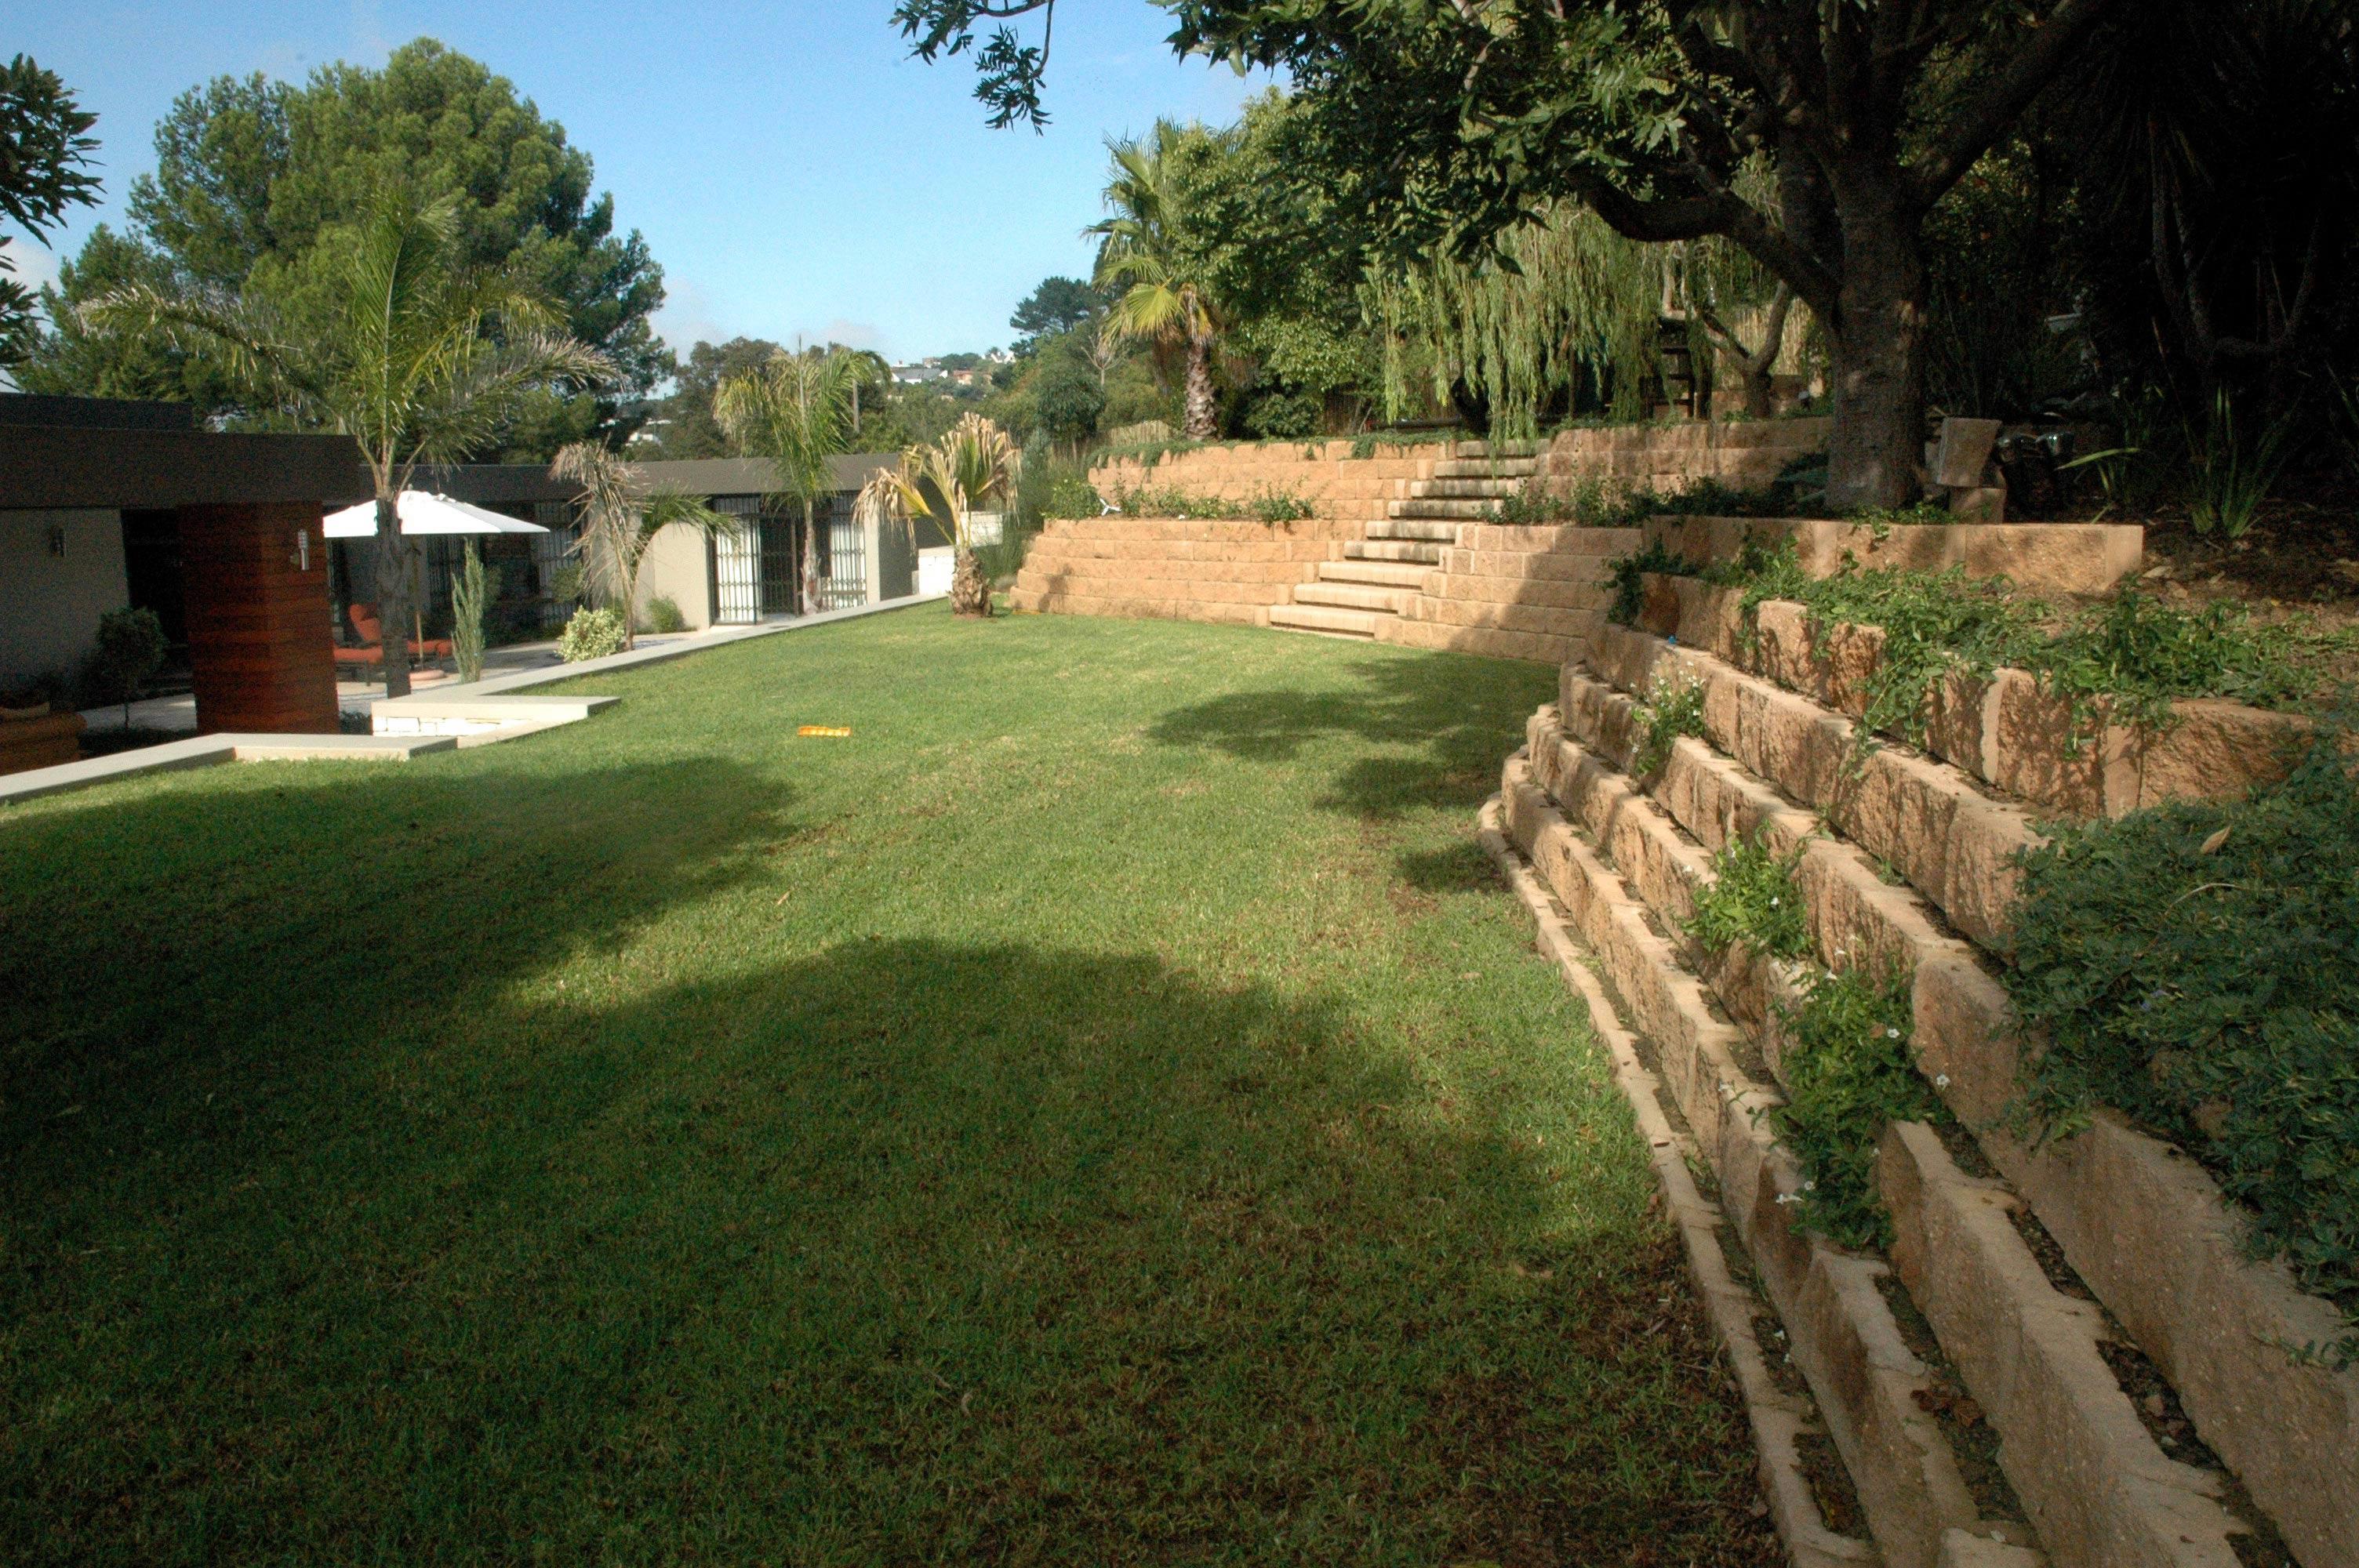 Steep Slope Transformed into a Spacious Garden